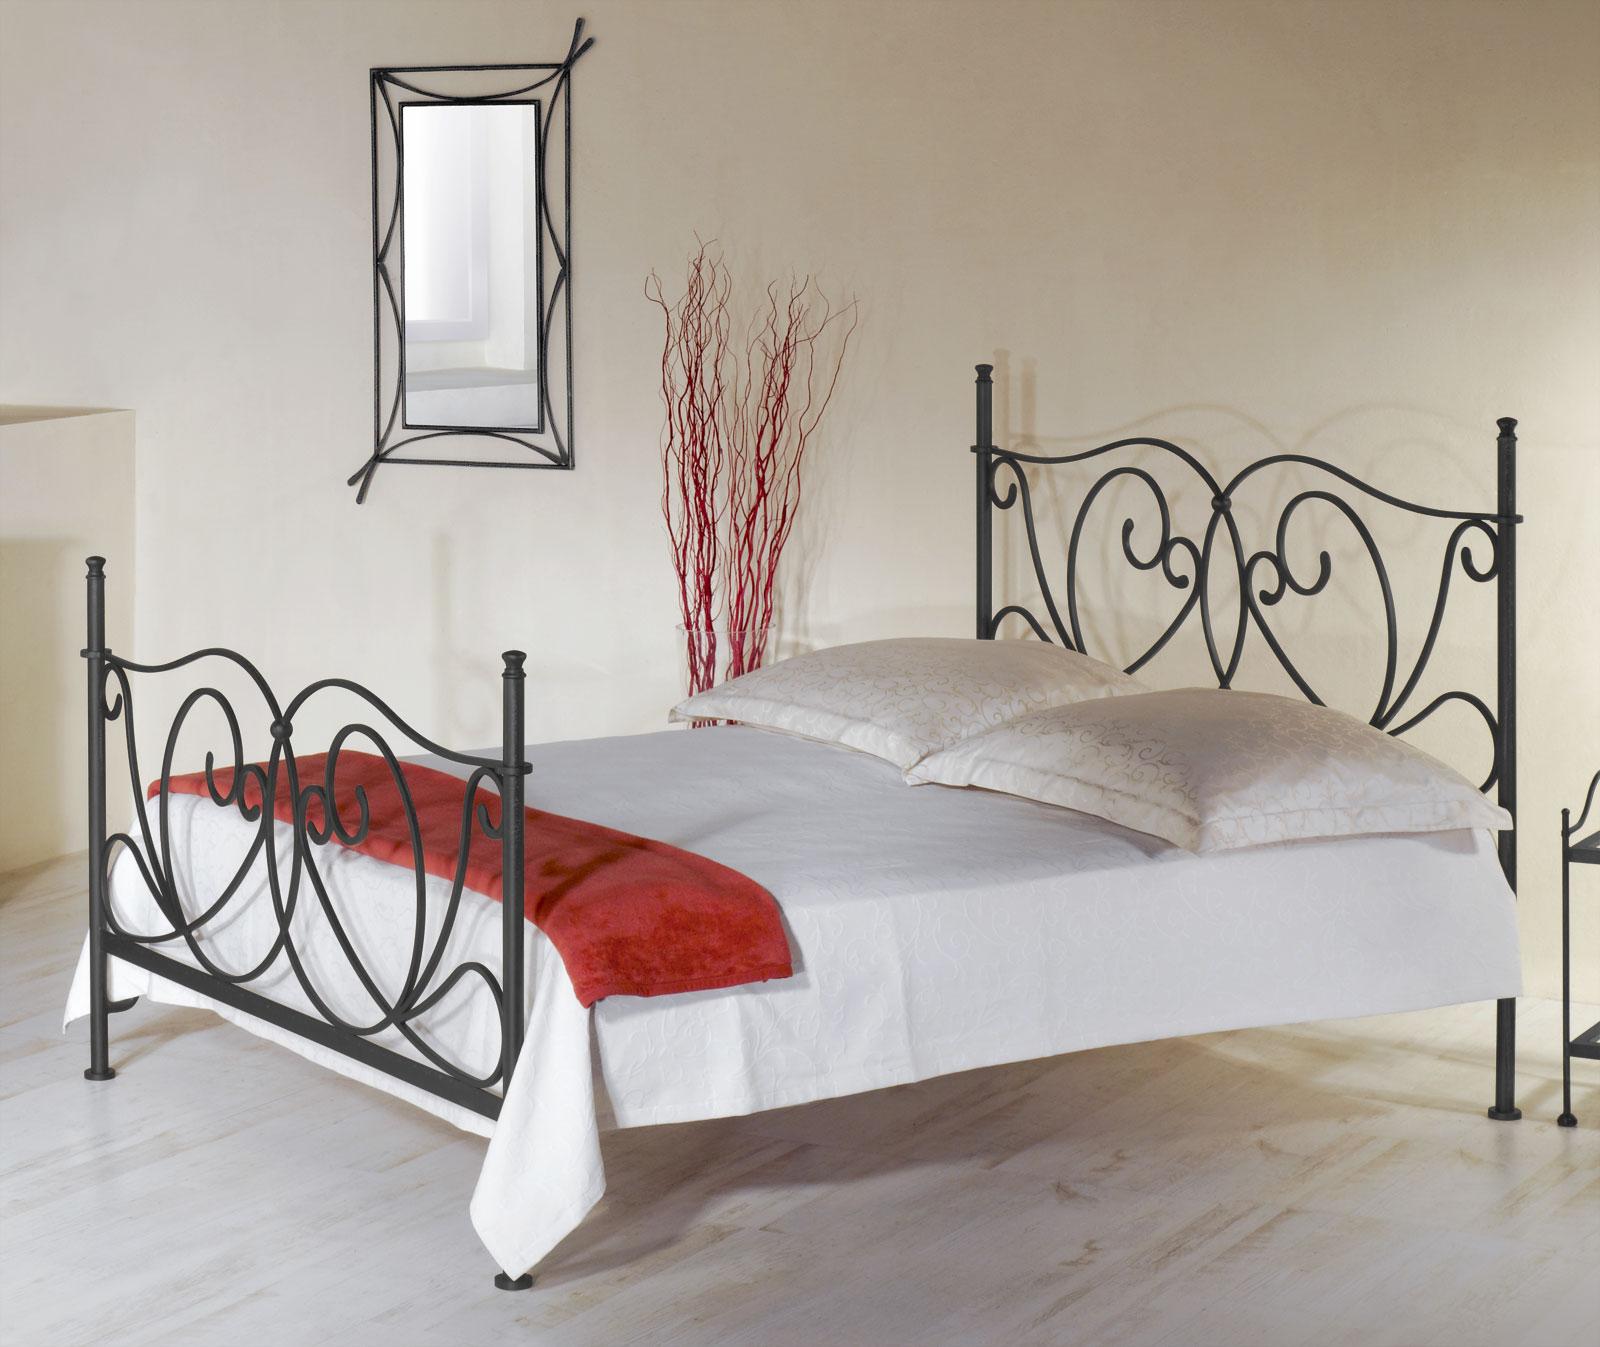 Full Size of Metall Bett Romantisches Metallbett In Wei 140x200 Cm San Pedro Ruf 200x200 Mit Bettkasten 160x200 Betten Kaufen Jugendzimmer 180x200 Schubladen Weiß Bett Metall Bett